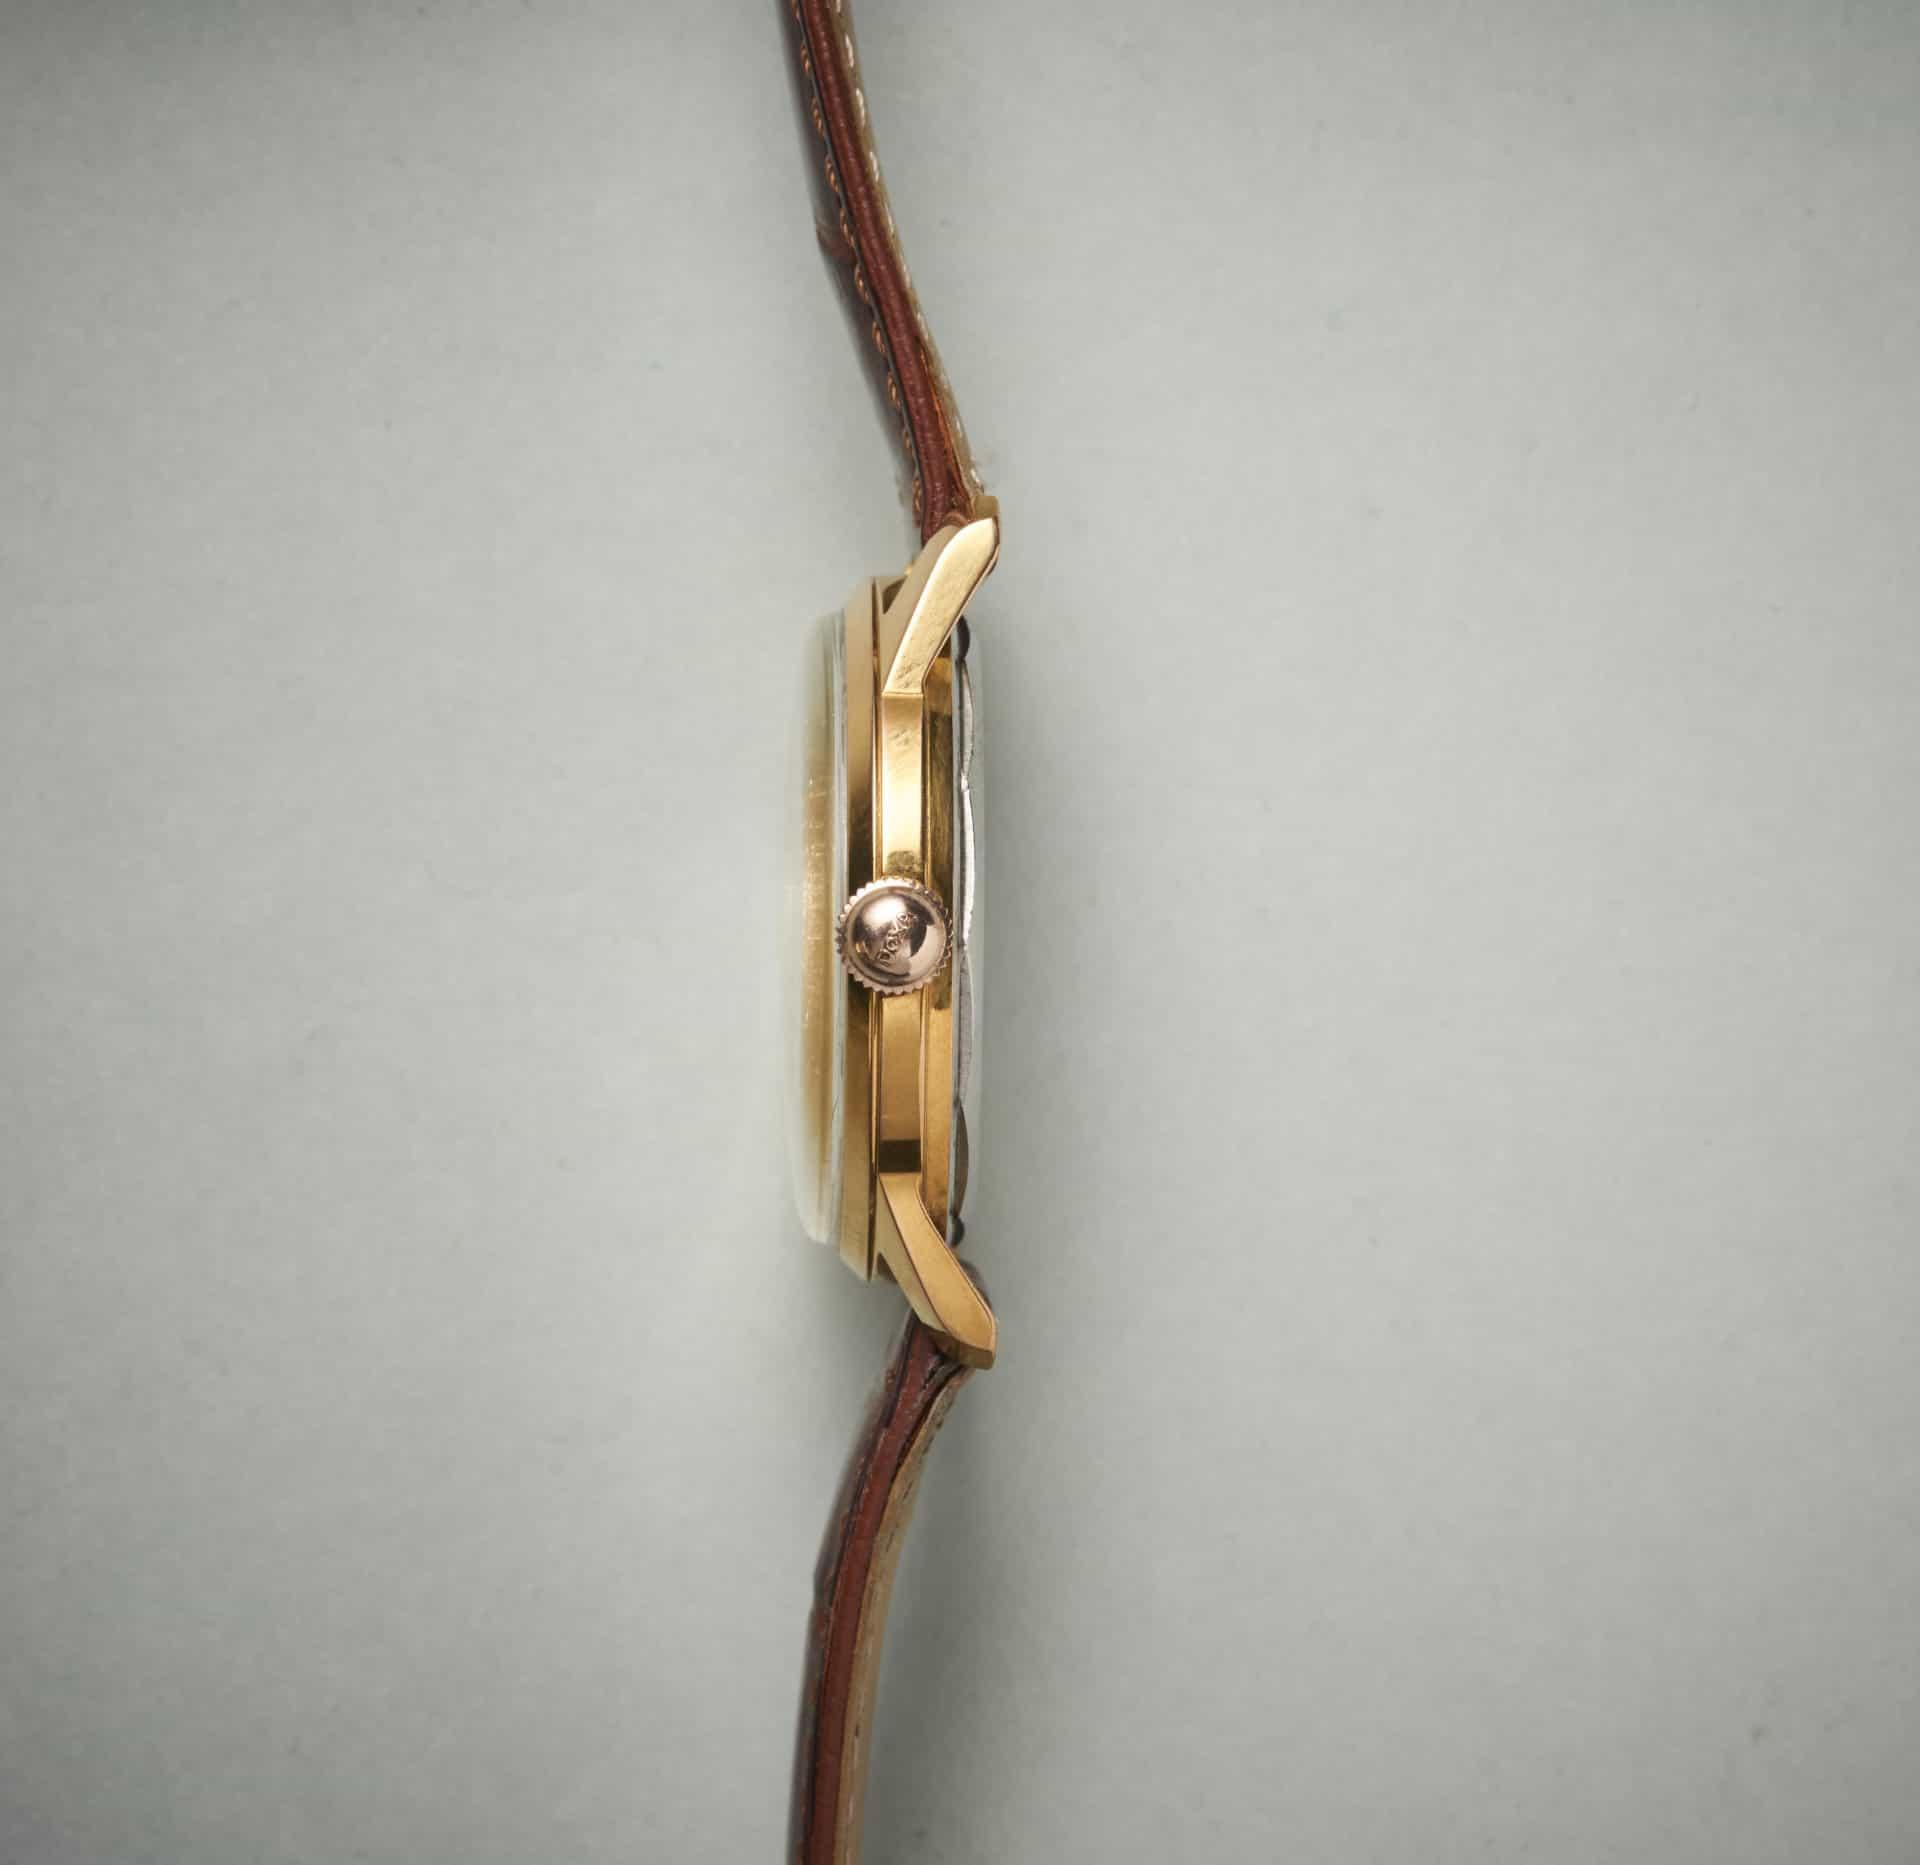 Die Krone der Doxa Uhr mit Schriftzug. Das Gehäuse selbst ist recht flach.